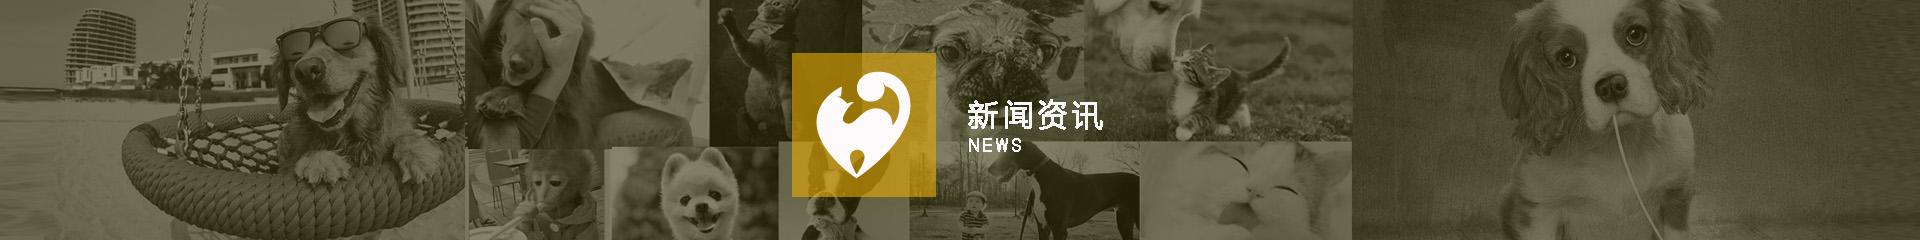 深圳宠物空运